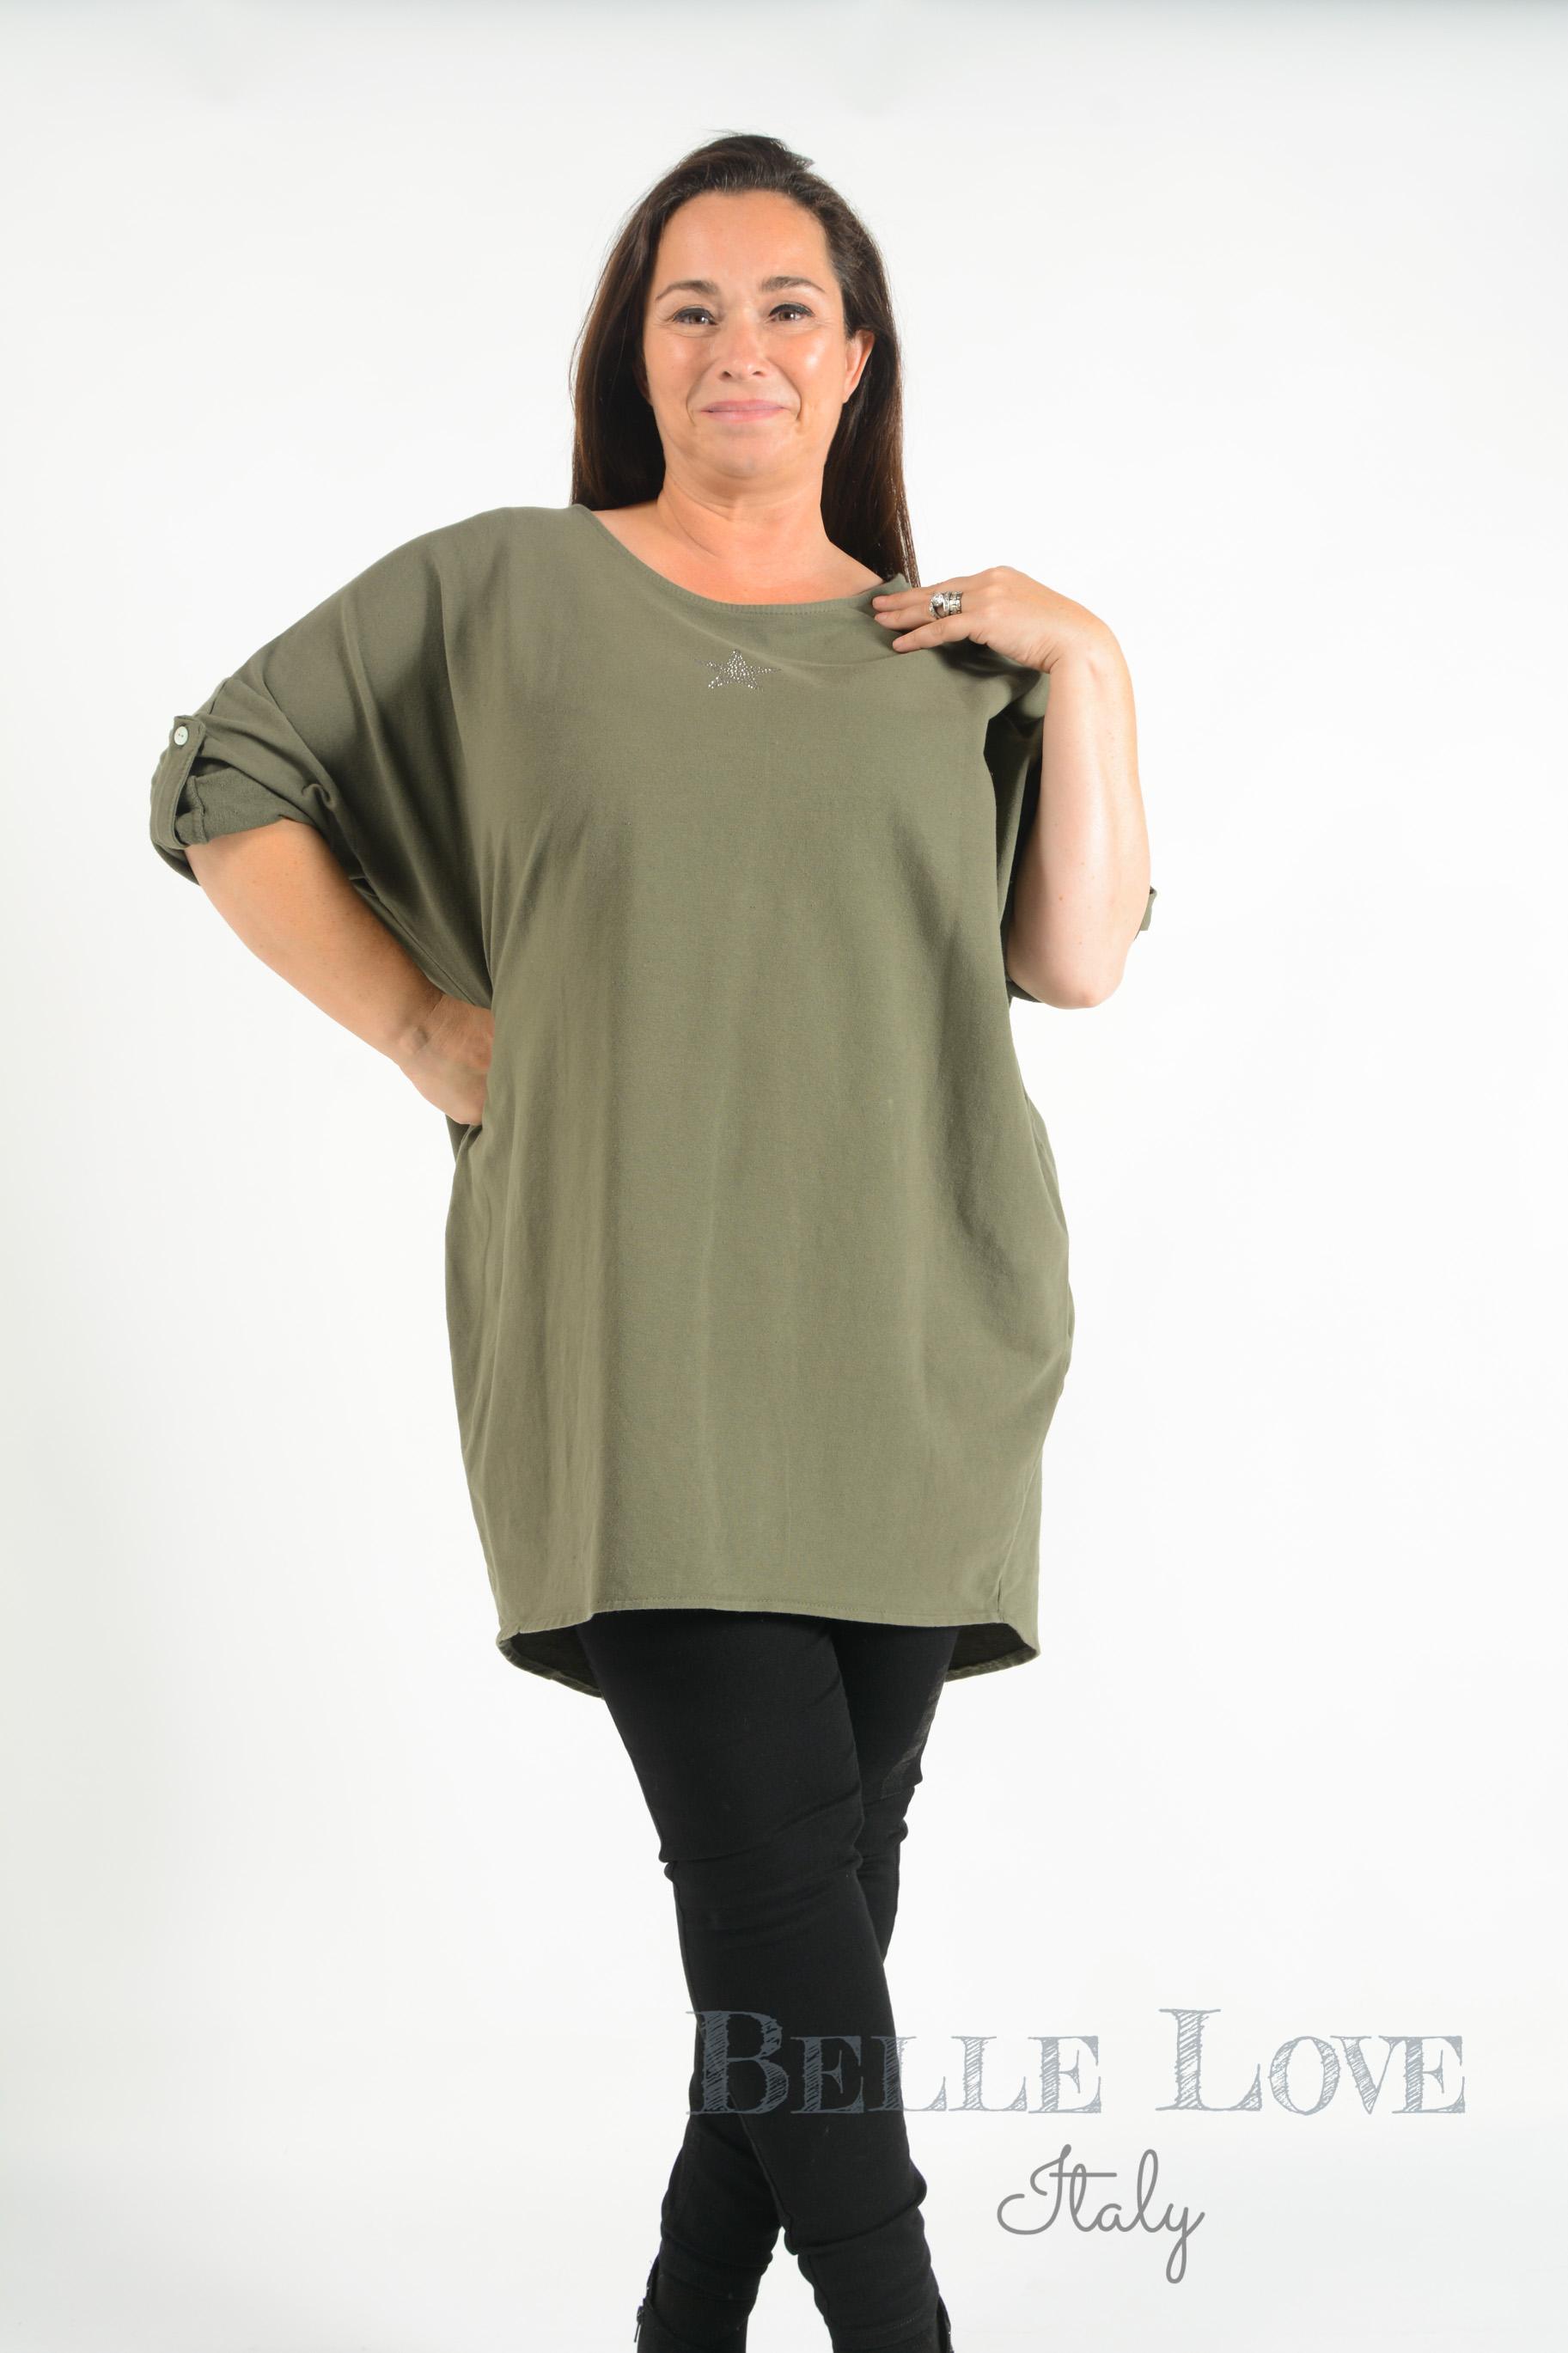 Belle Love Italy Lottie Star Button Back Sweatshirt